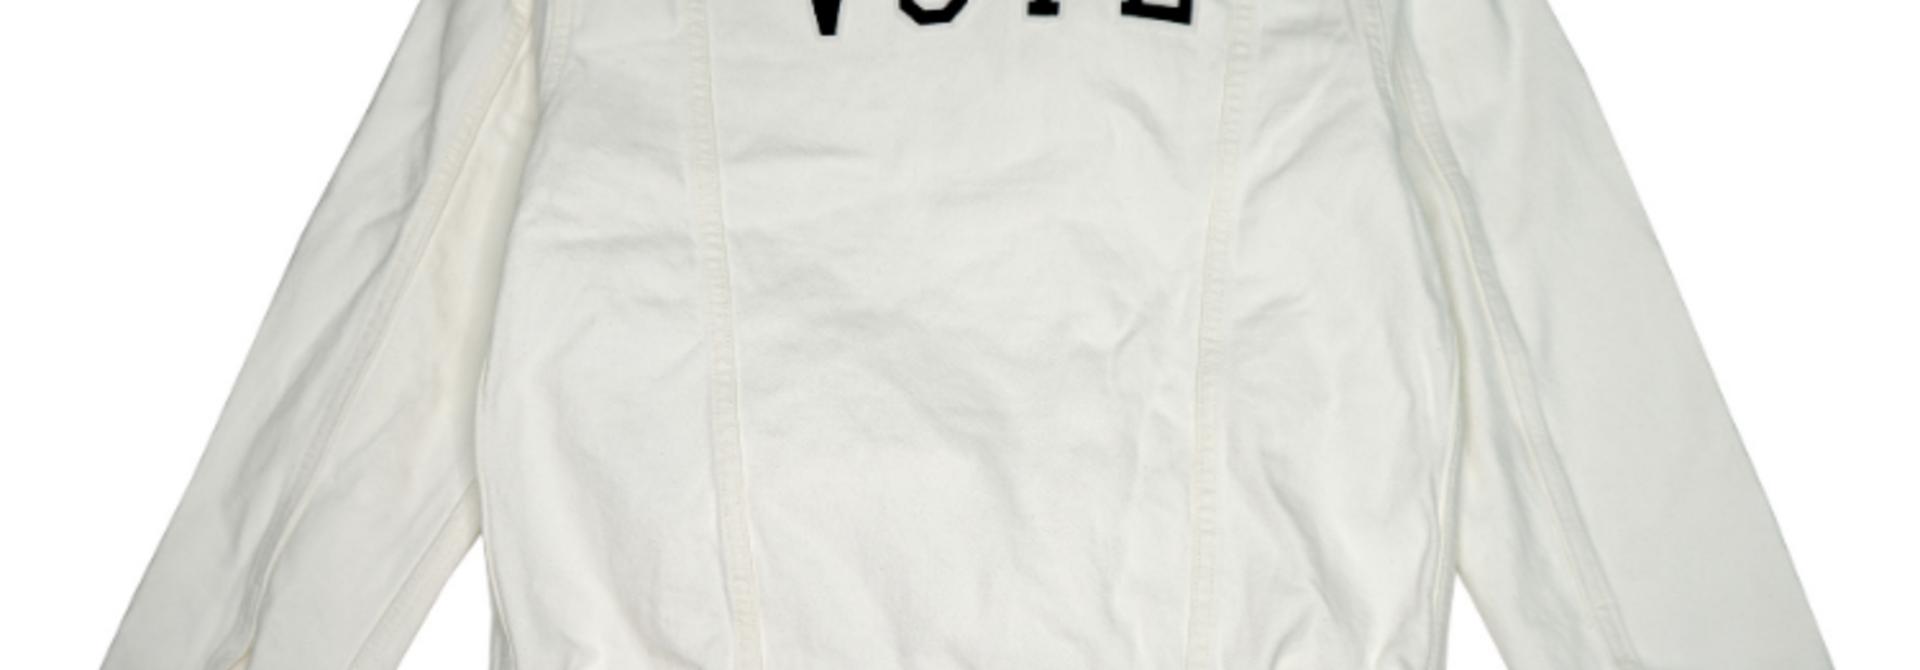 LEVI'S VOTE EX BF TRUCKER WHITE CELL